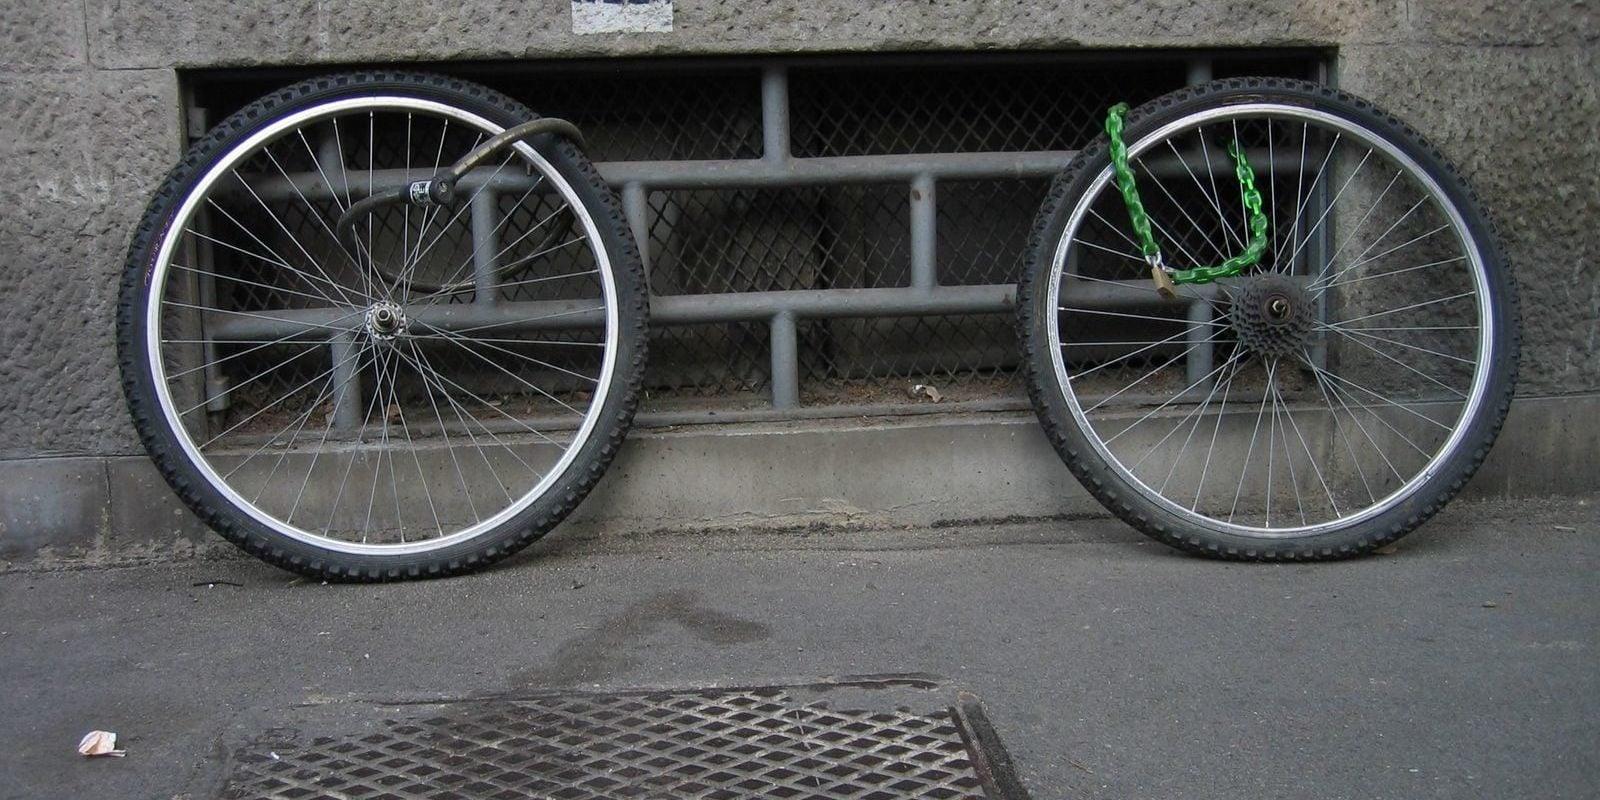 Les cinq fondamentaux pour éviter le vol de vélo